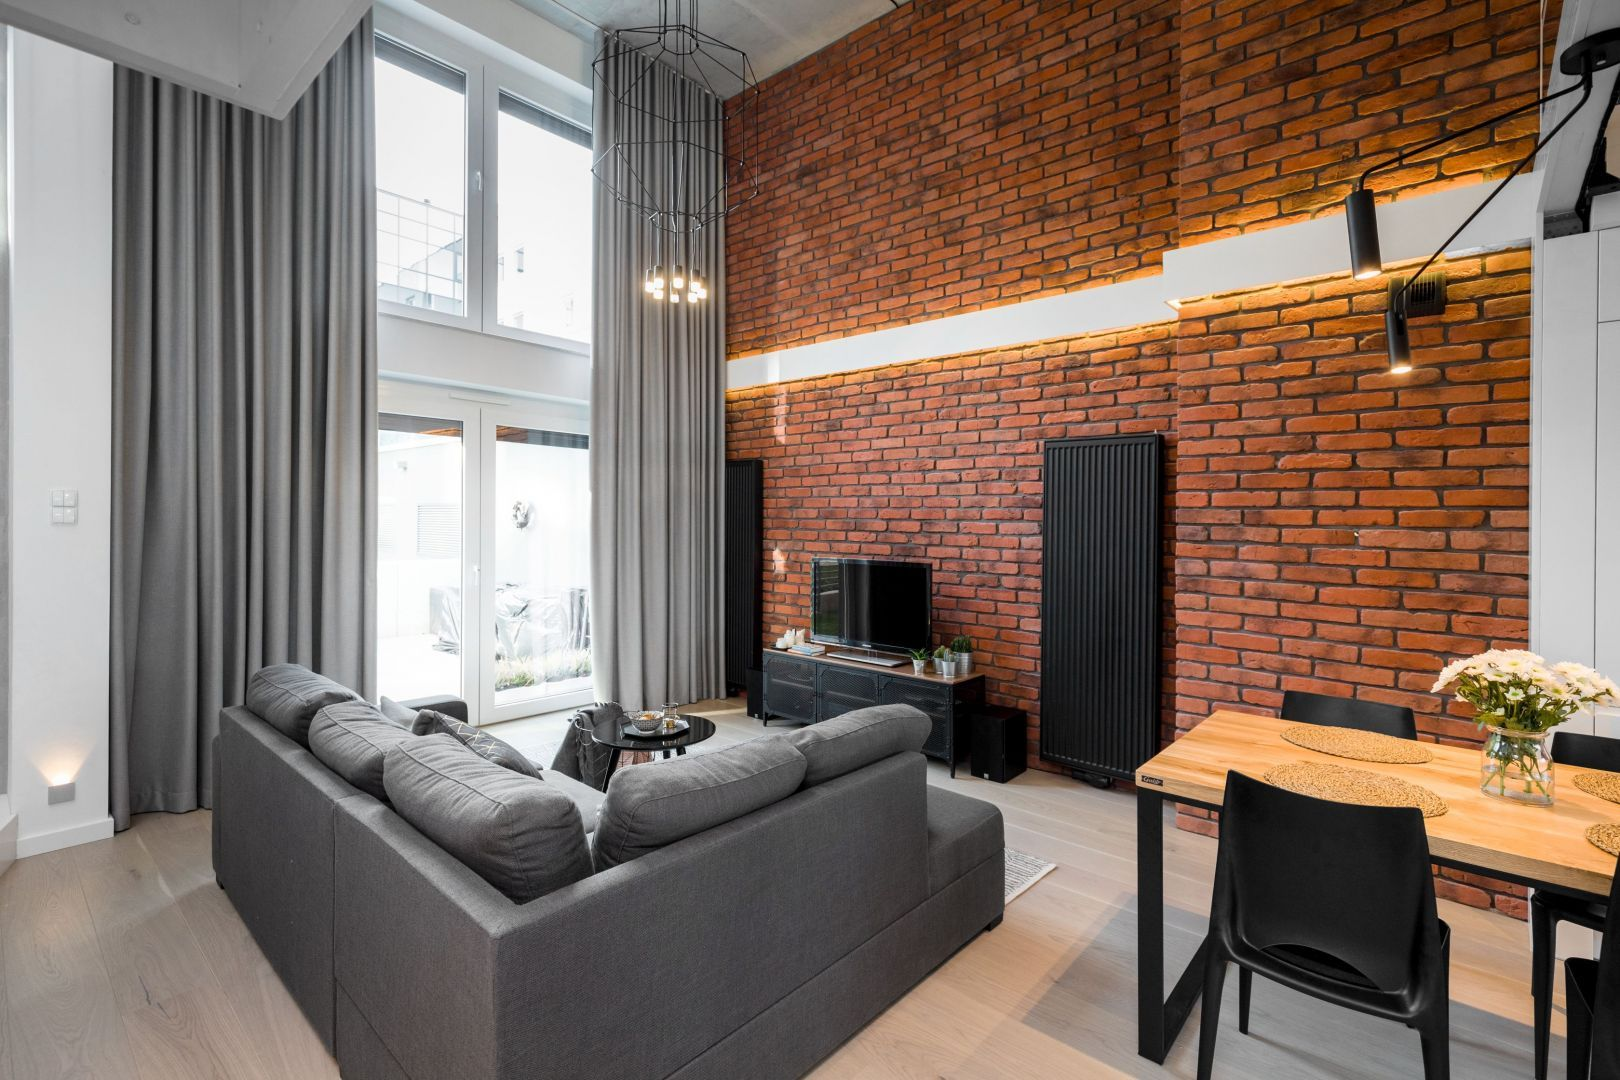 W nowoczesnym salonie szare zasłony stanowią piękną dekoracją dużego okna. Idealnie pasują do szarej sofy i czerwonej cegły na ścianie. Projekt i zdjęcia: Monika Staniec